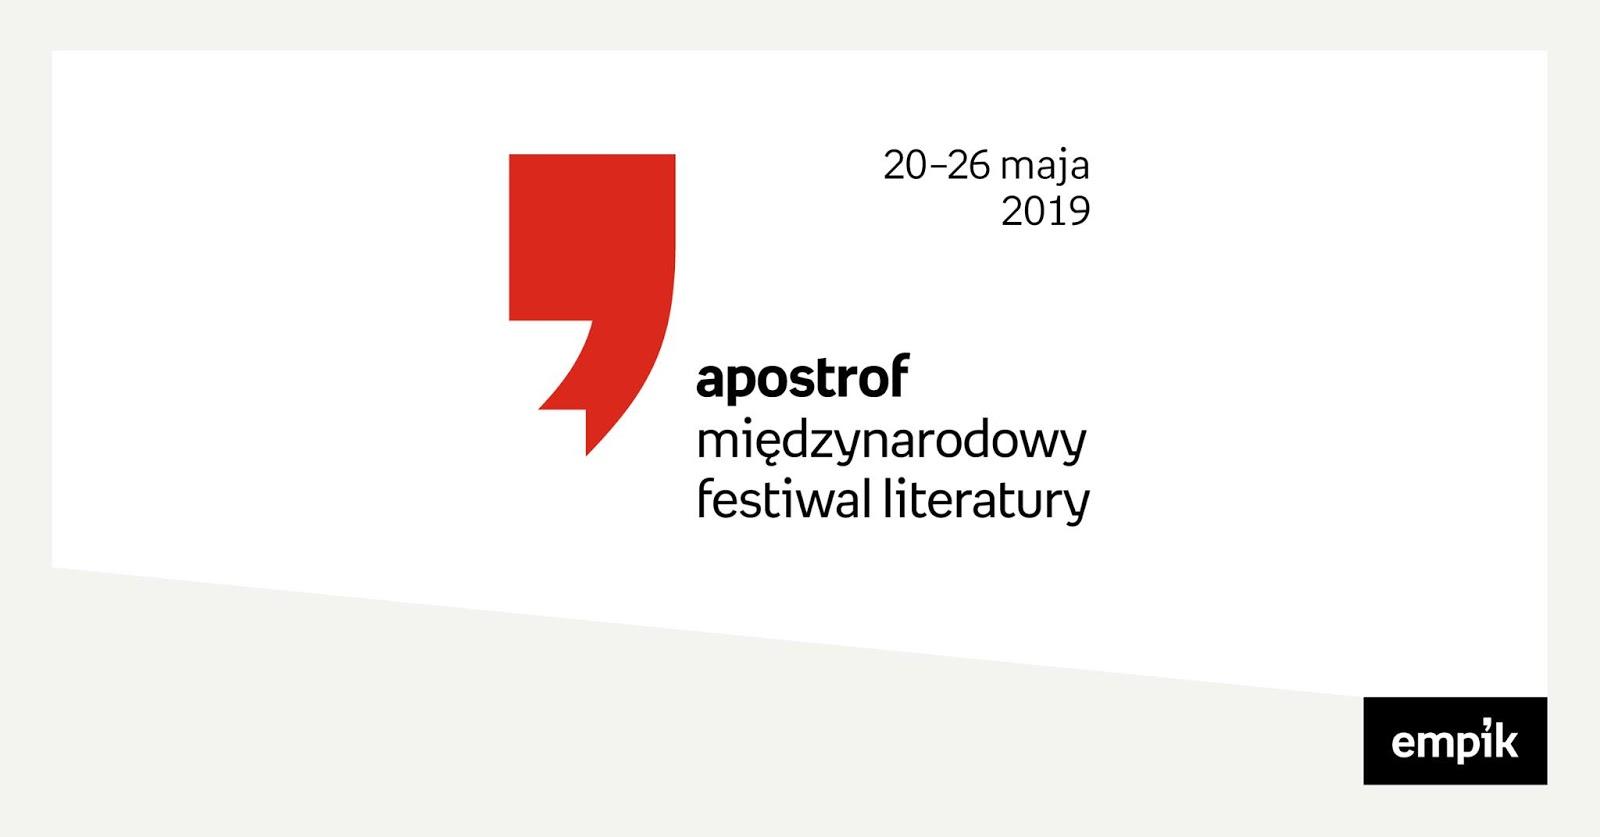 Wkrótce Apostrof, czyli Międzynarodowy Festiwal Literatury 2019.